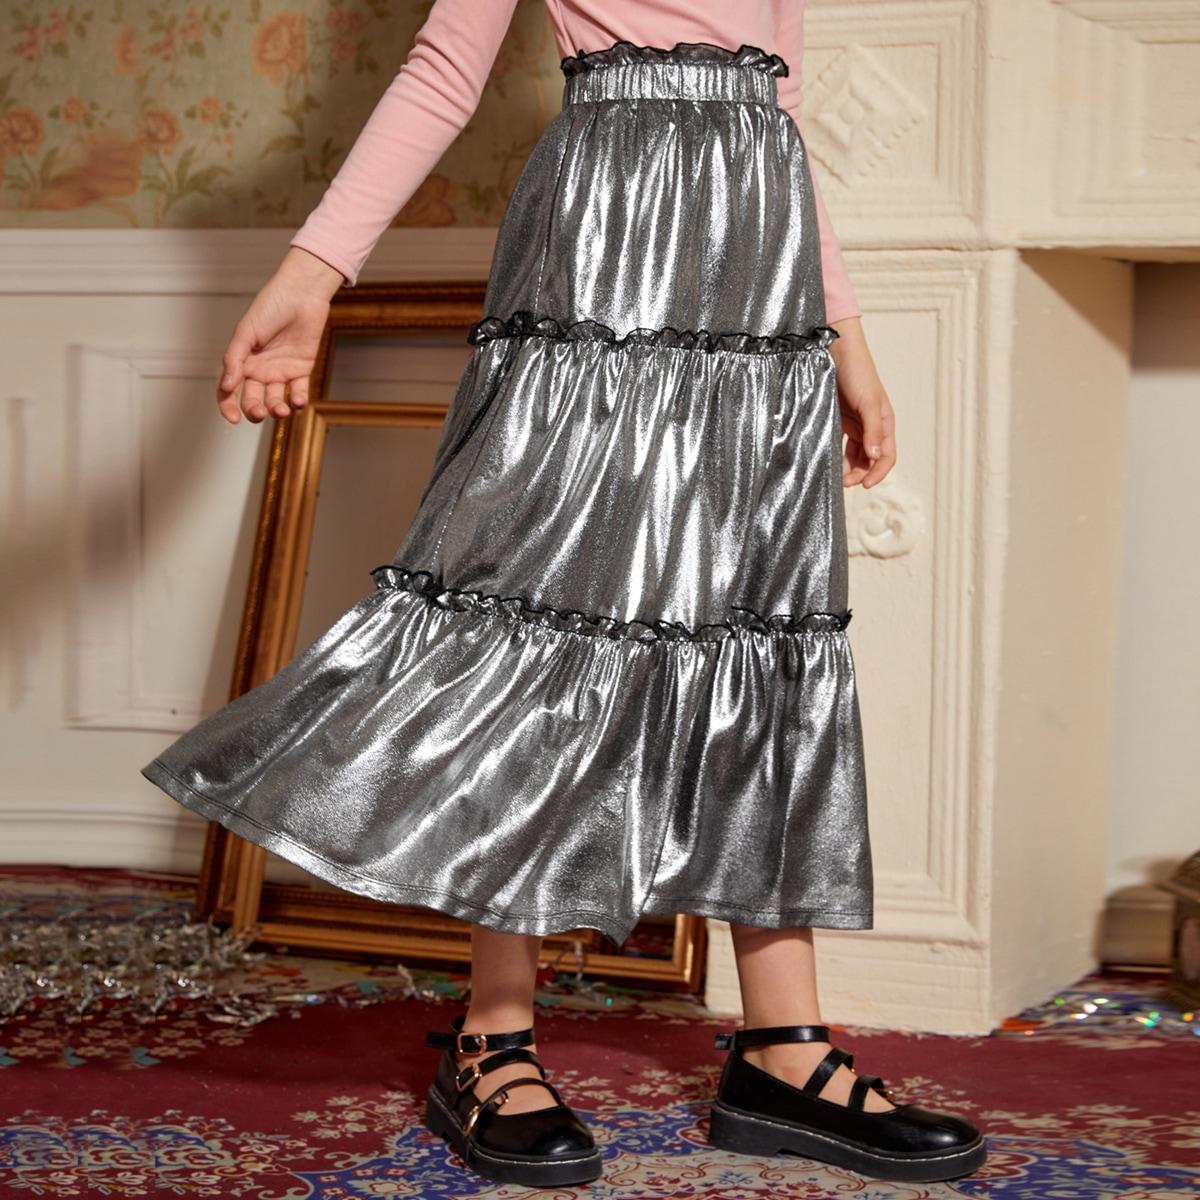 Юбка с присборенной талией металлического цвета для девочек